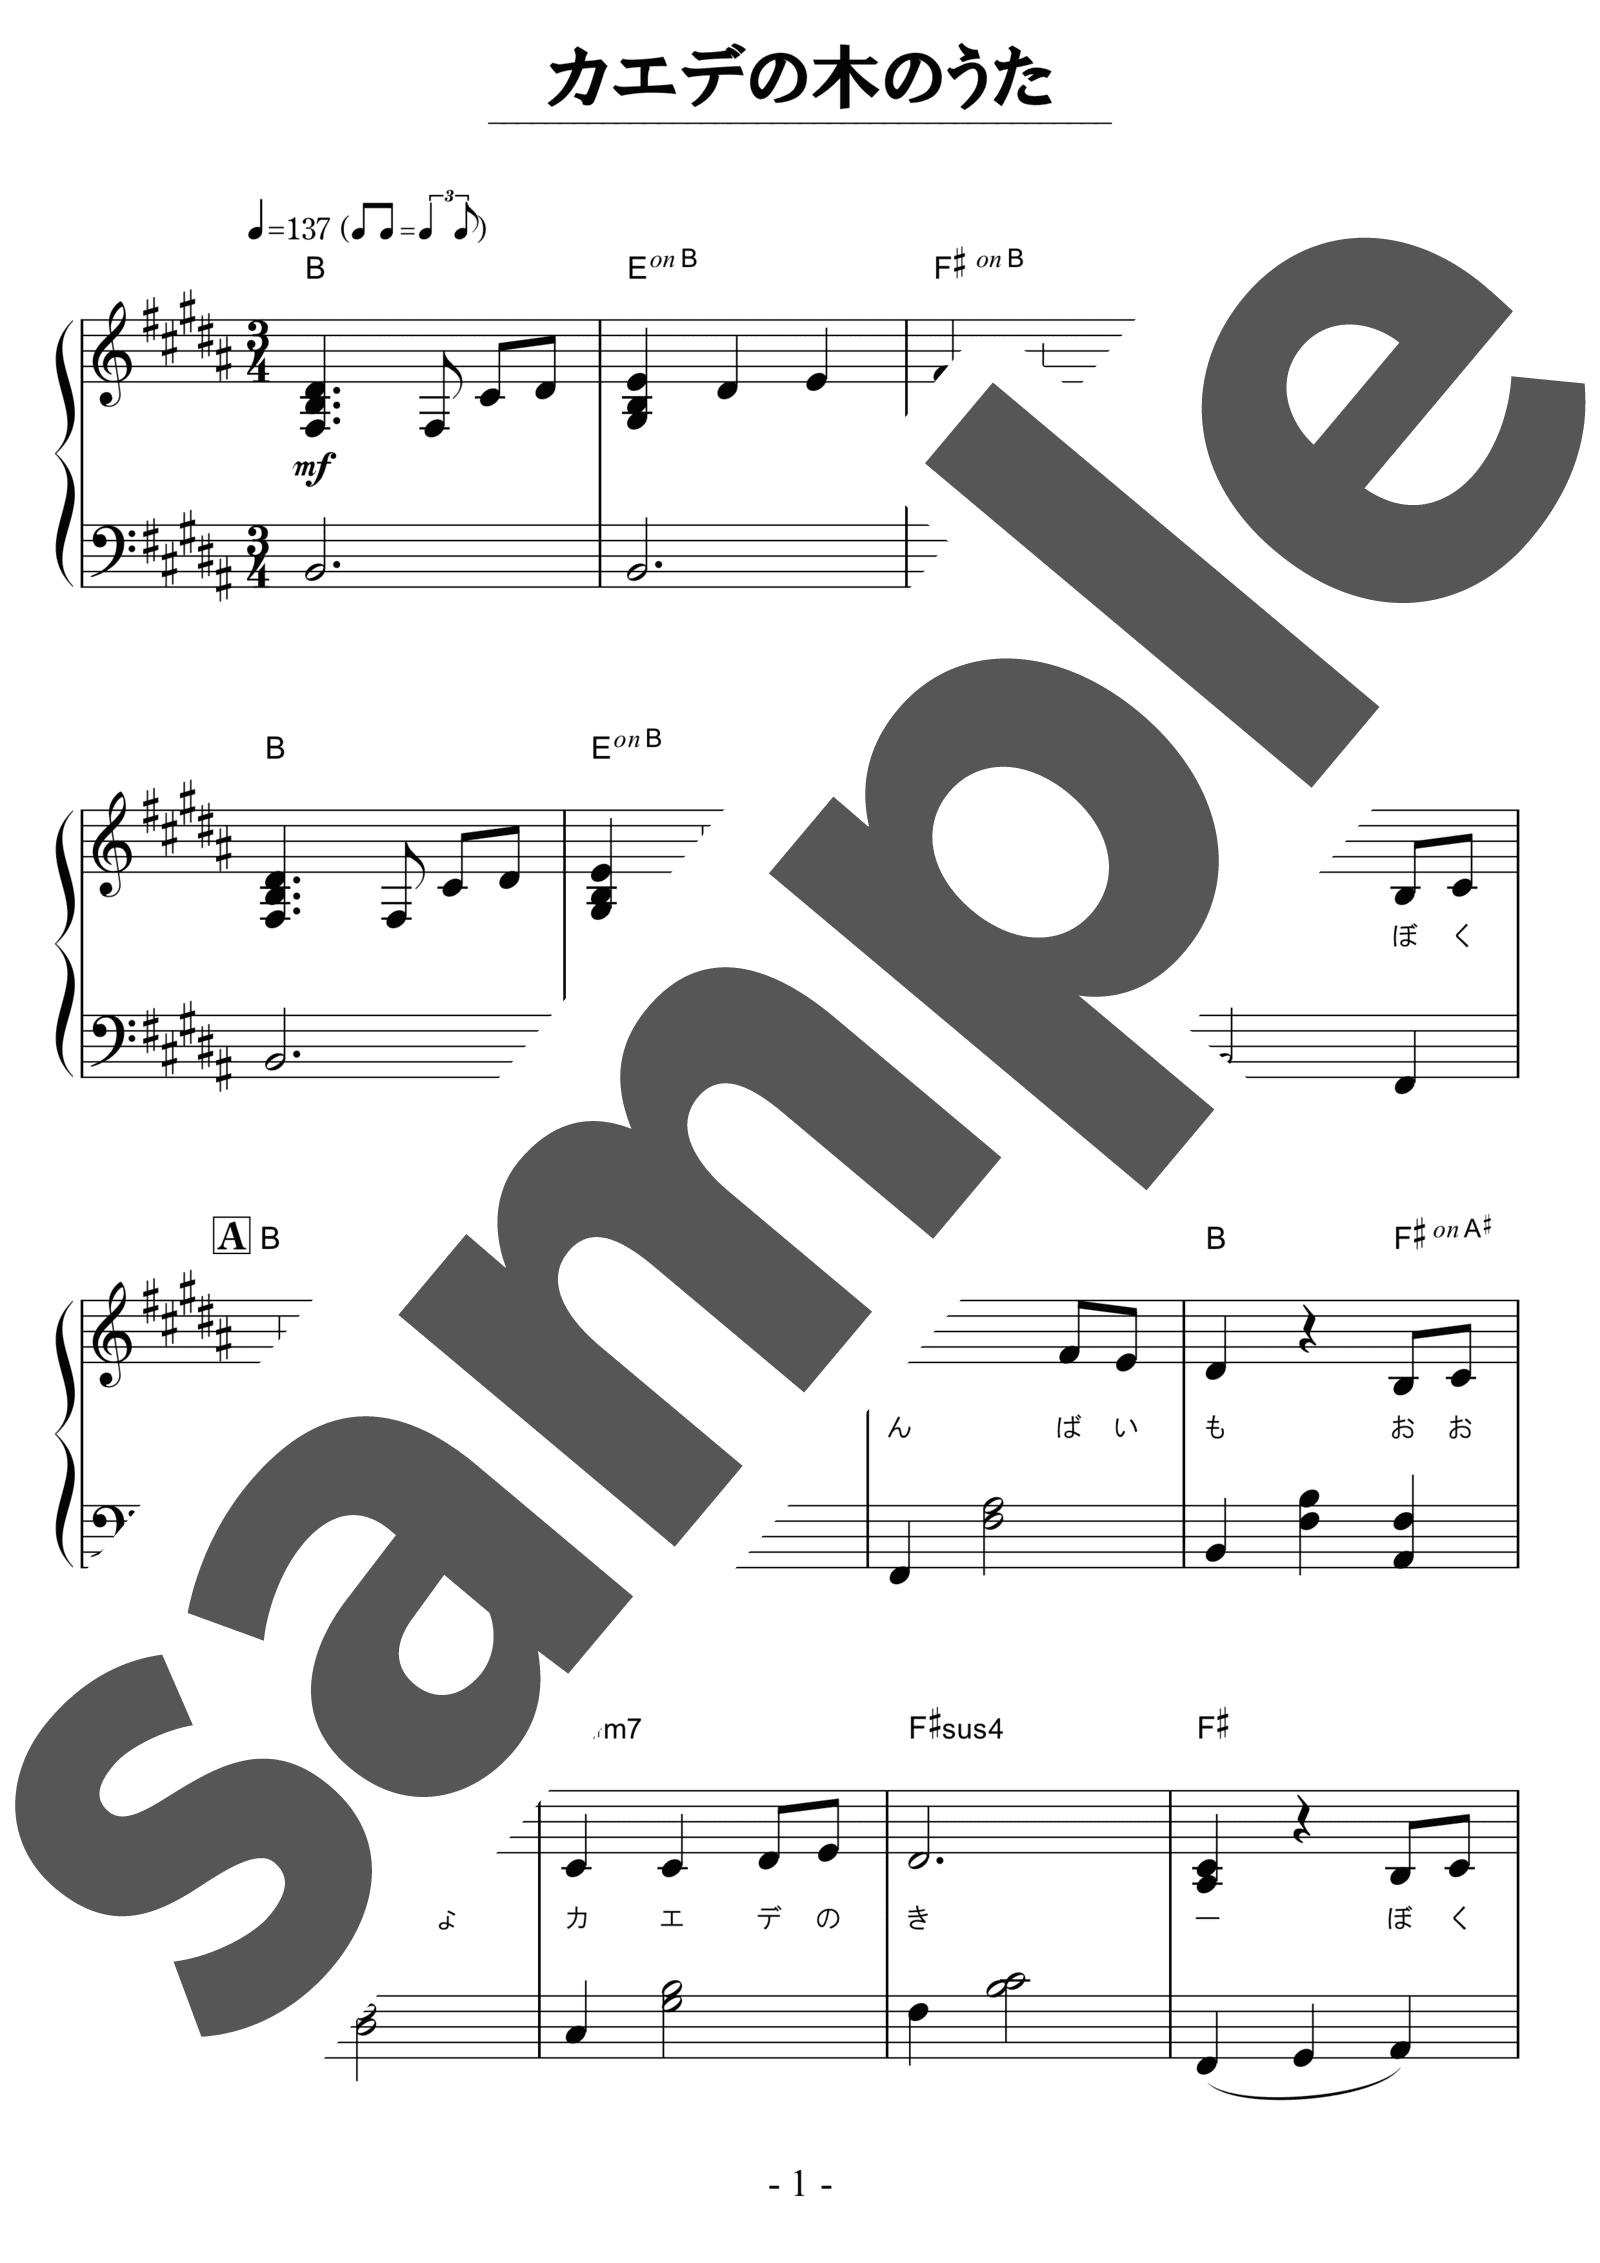 「カエデの木のうた」のサンプル楽譜